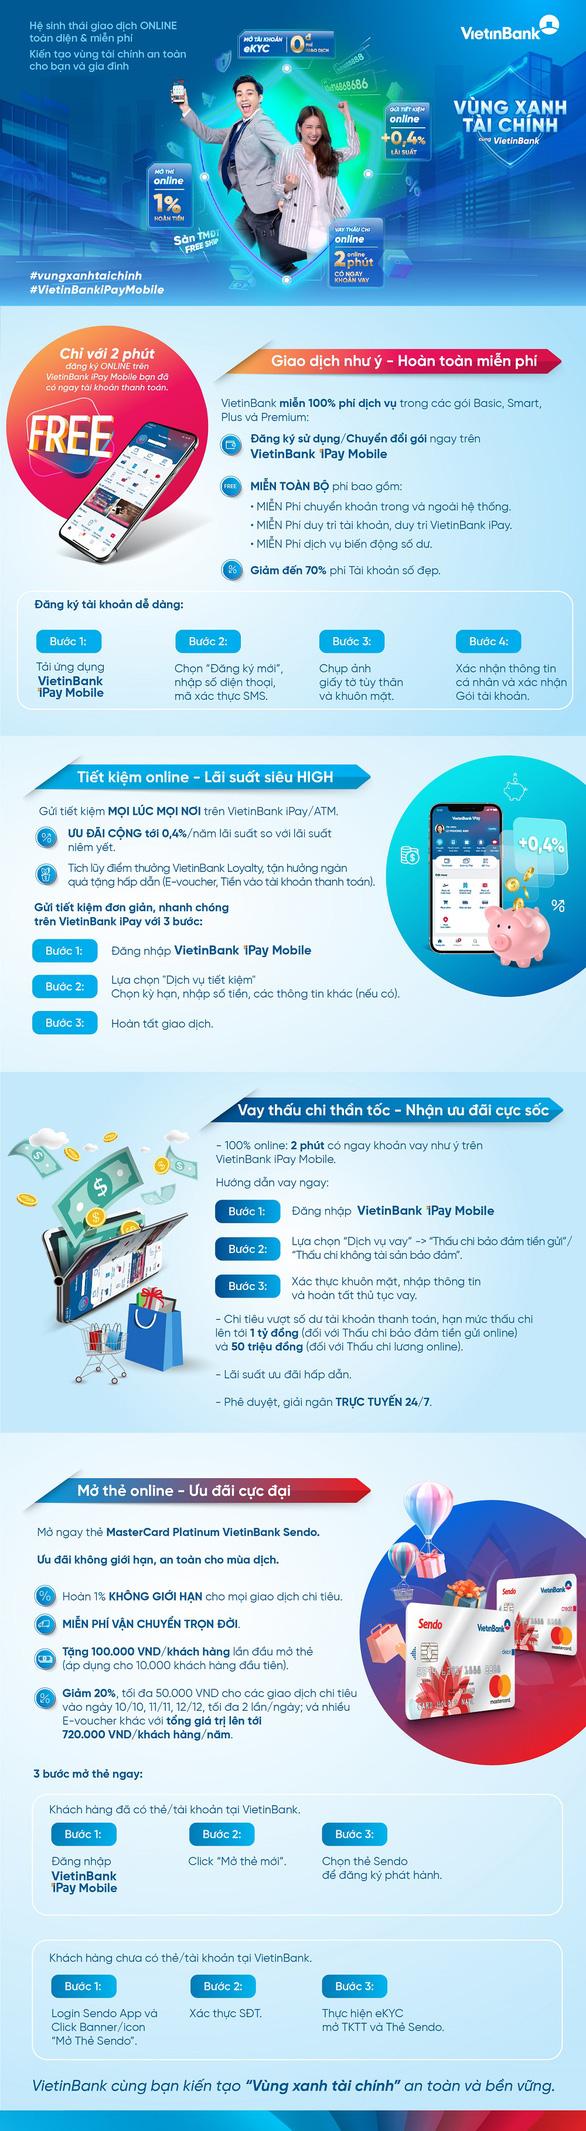 Cùng VietinBank kiến tạo Vùng xanh tài chính - Ảnh 1.